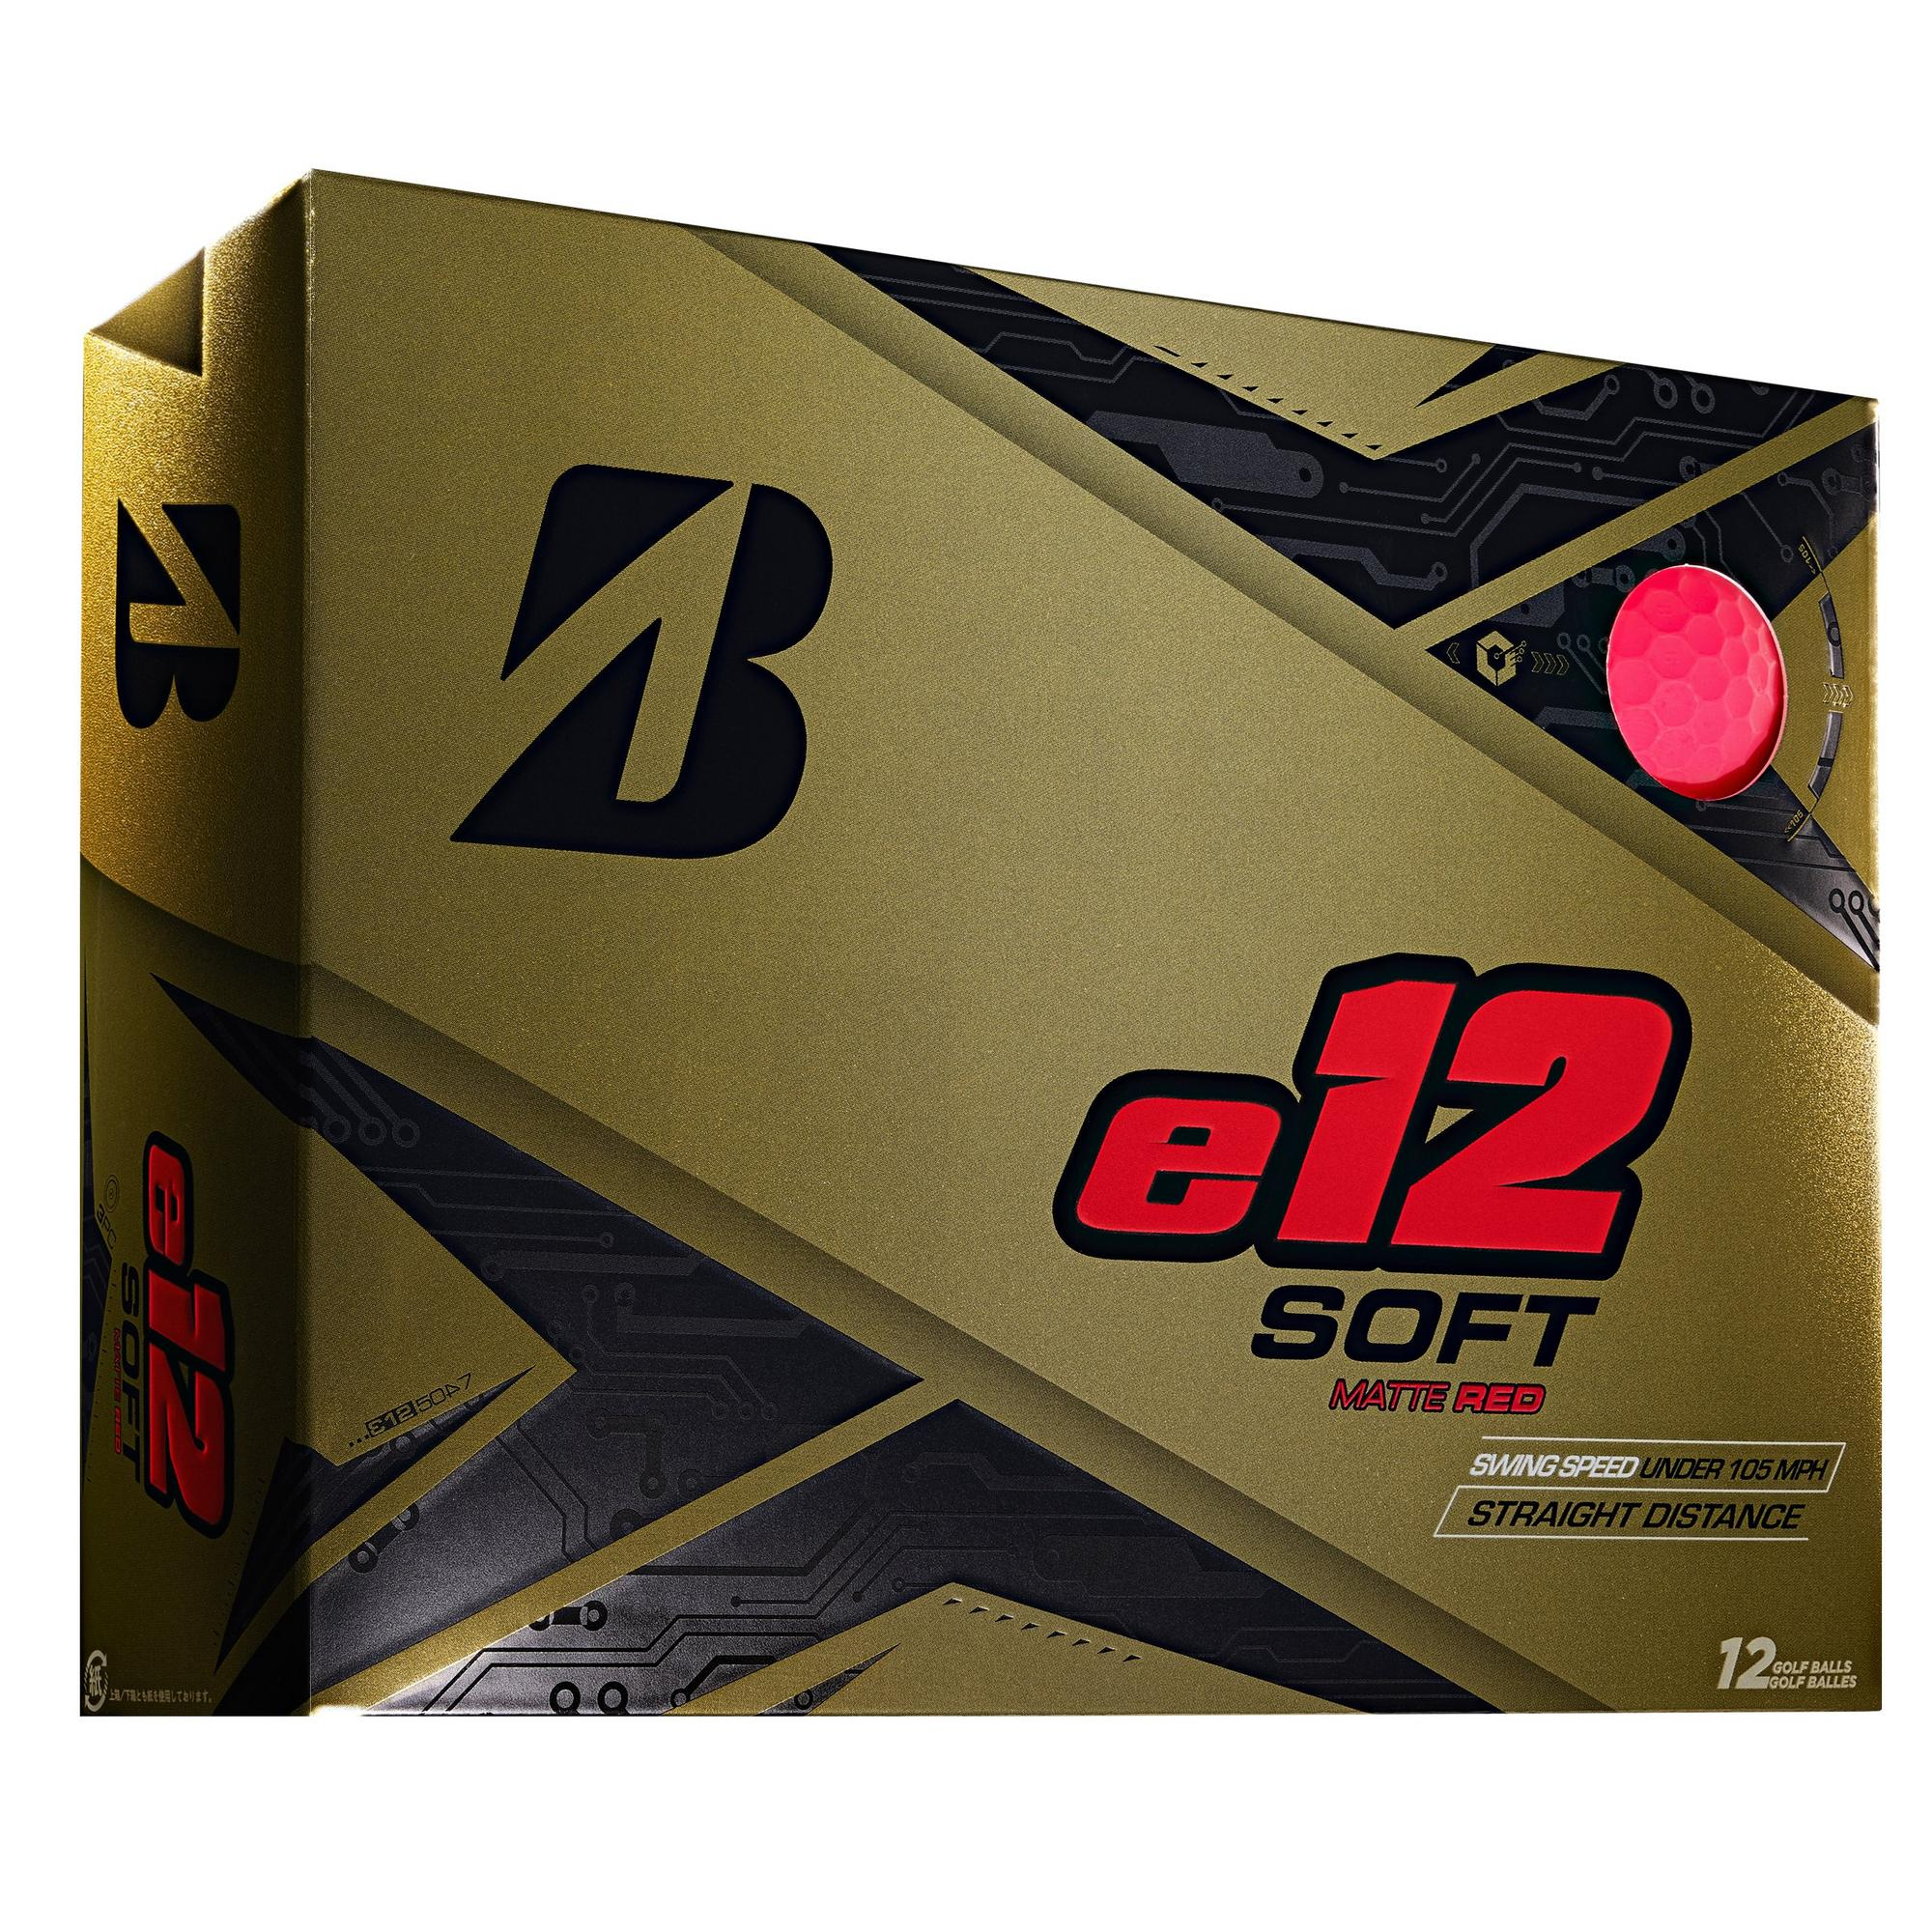 e12 Soft Matte Golf Balls - Red